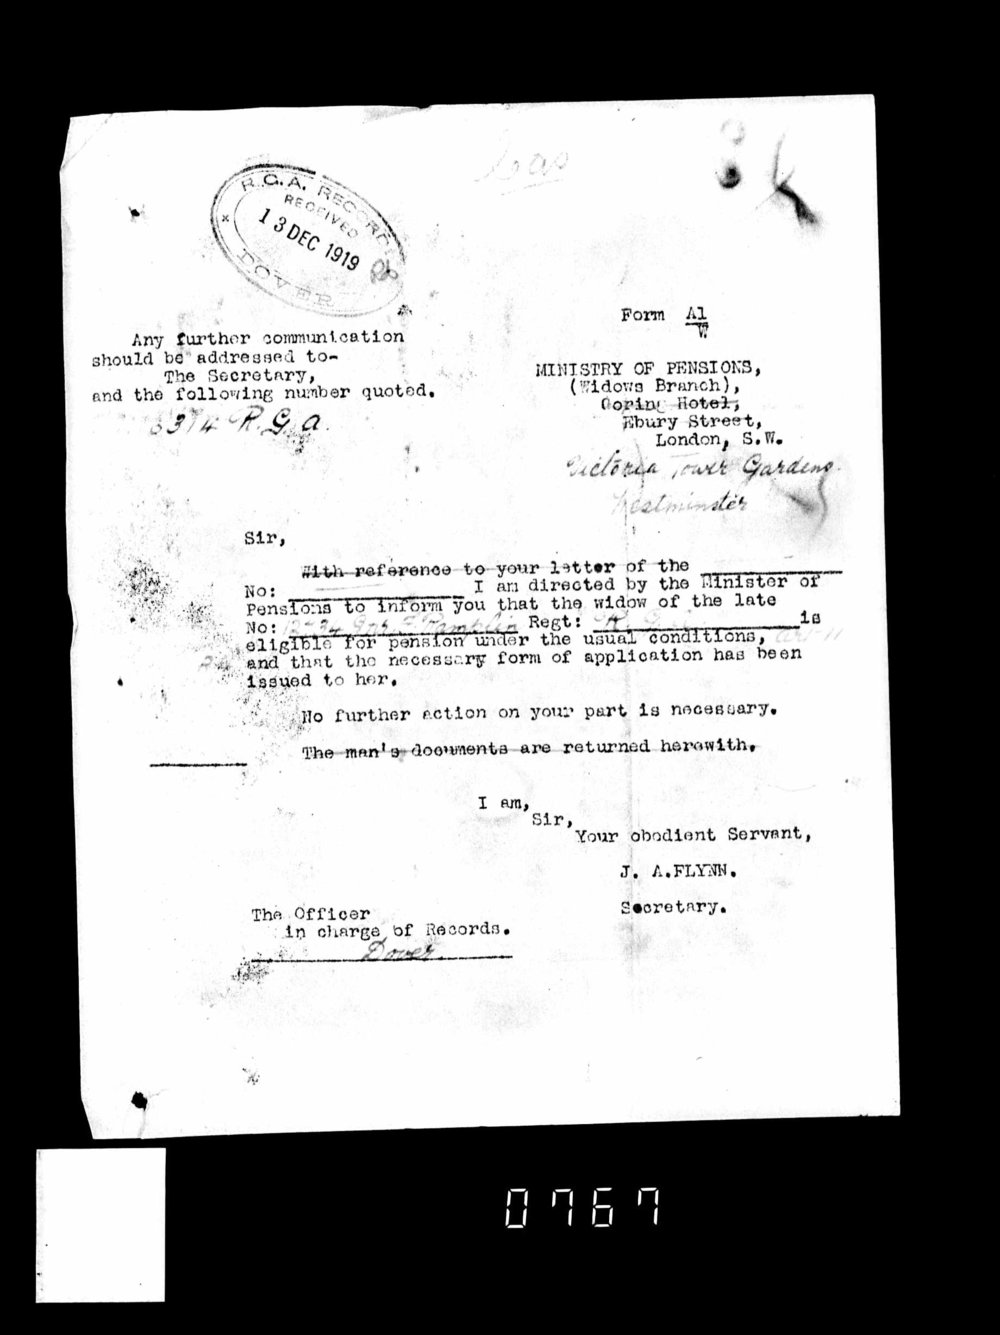 pension letter 1919.jpg